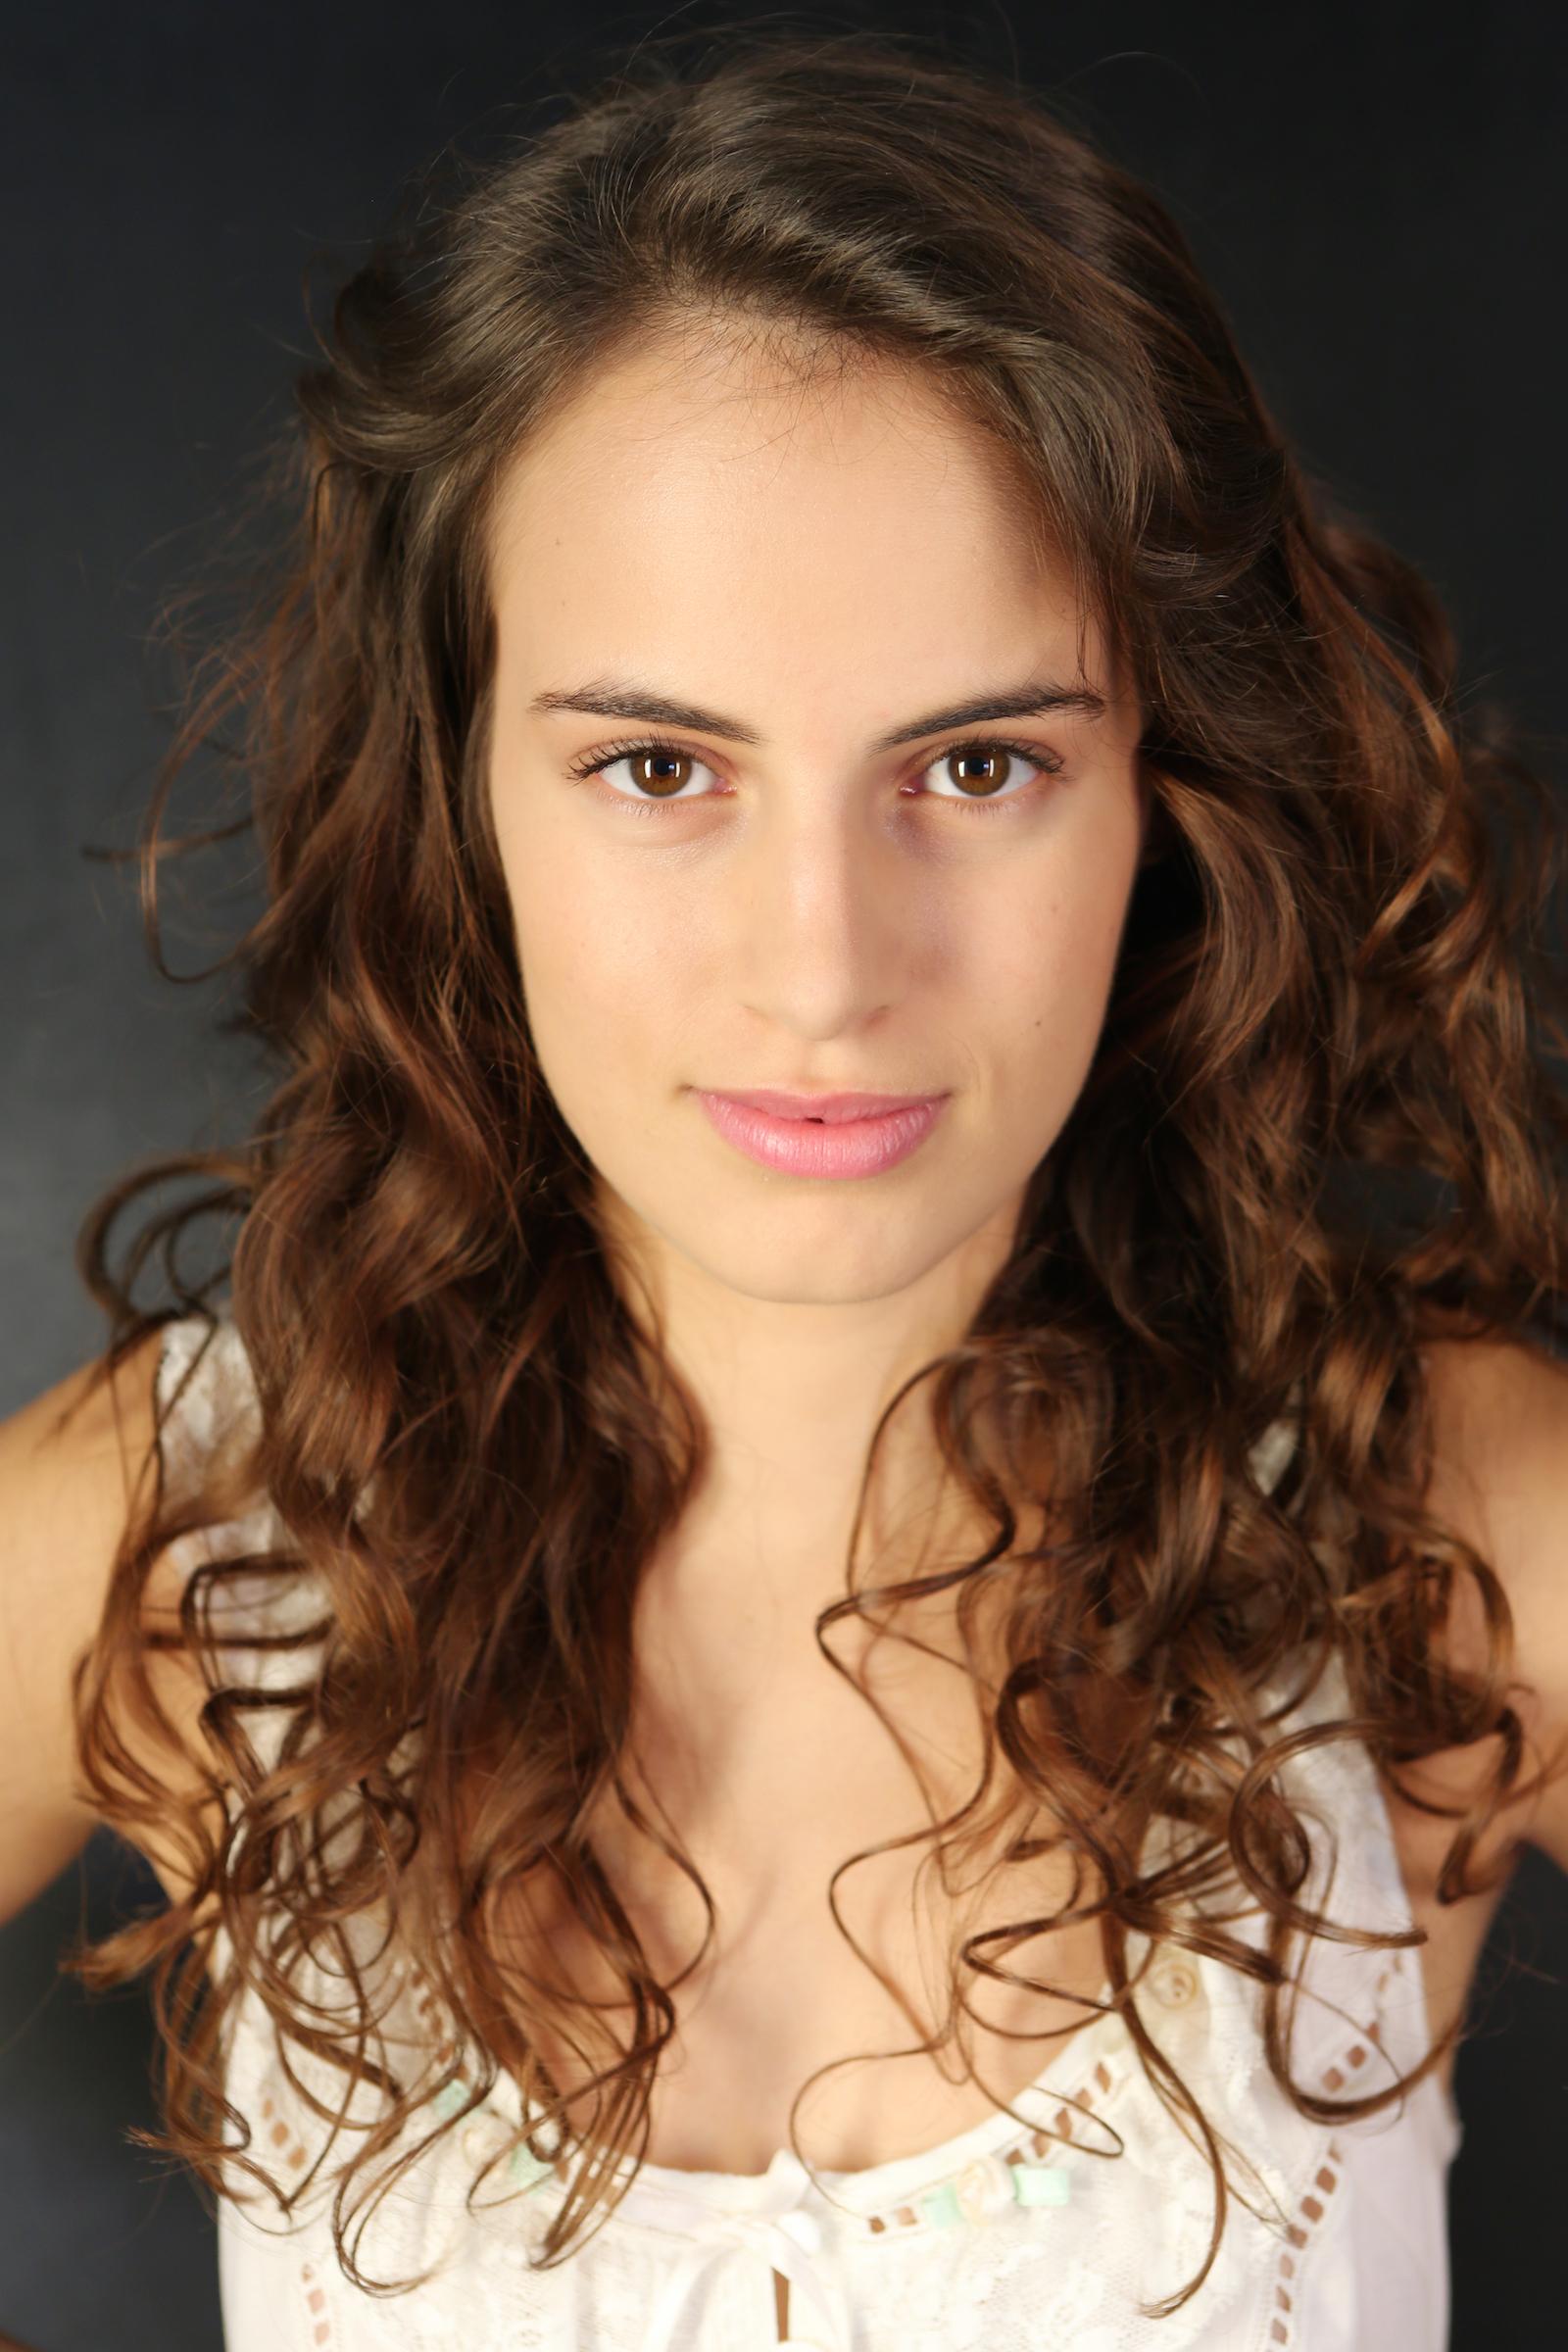 Braccialetti rossi 2: Angela Curri in una foto promozionale